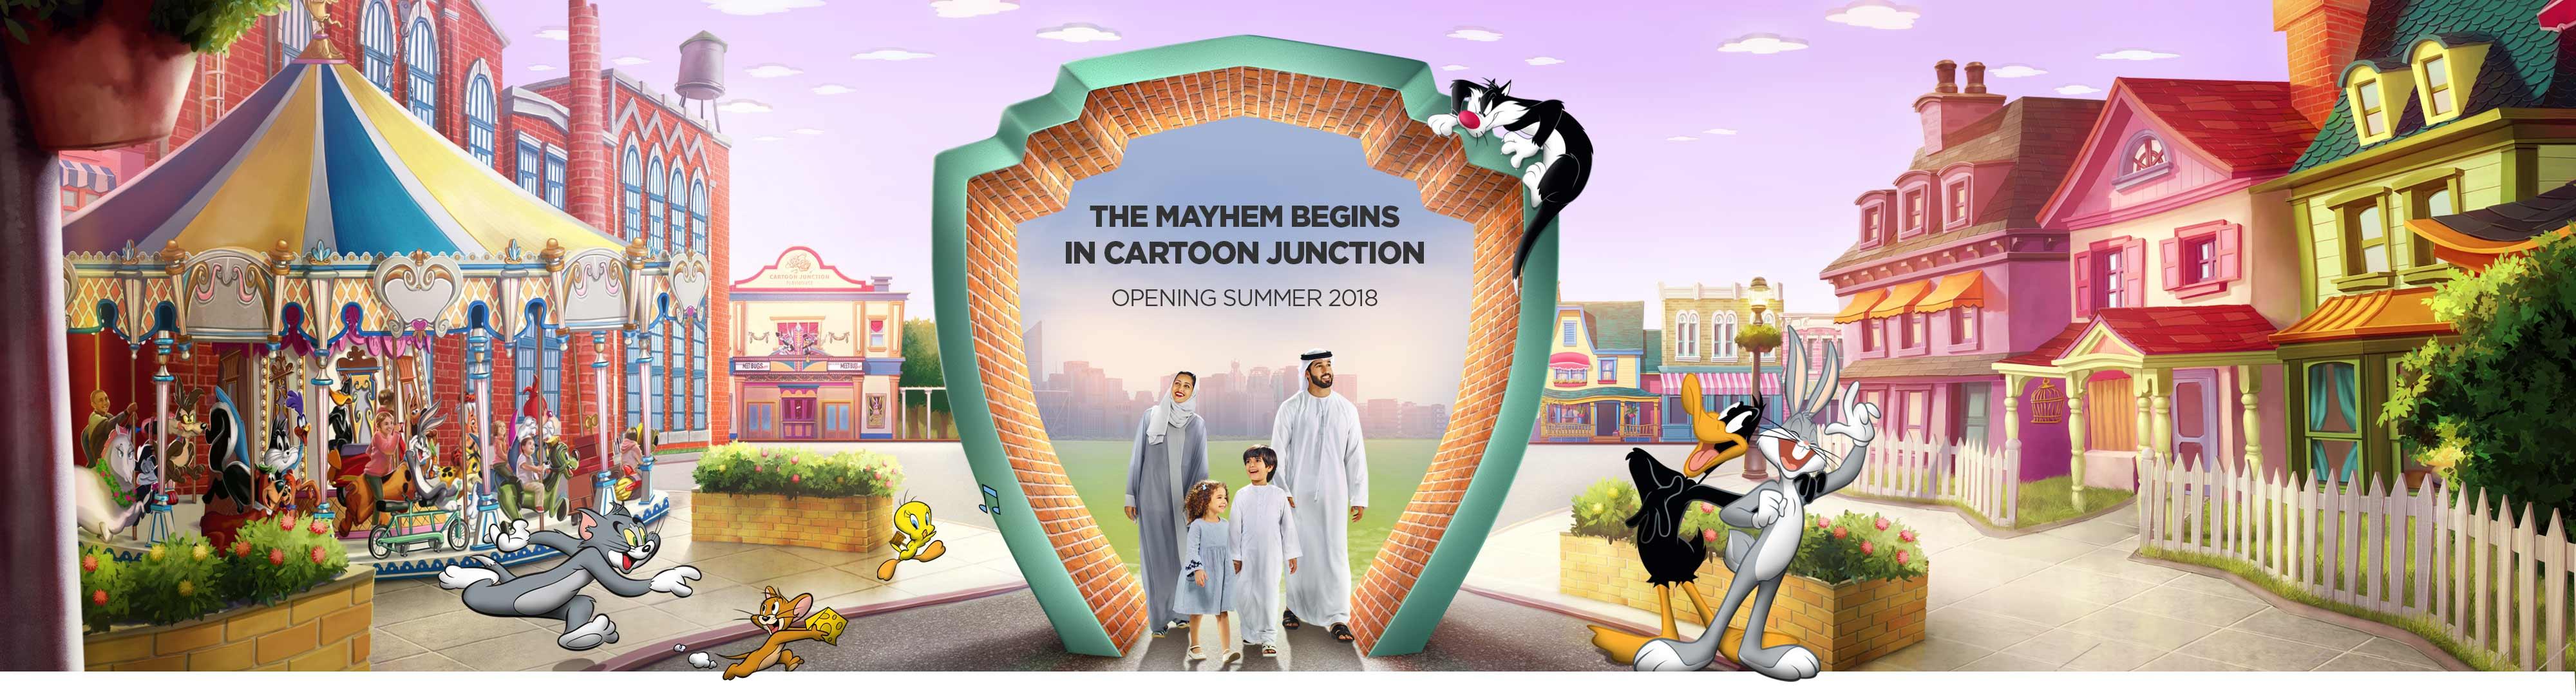 The mayhem beginsin cartoon junction